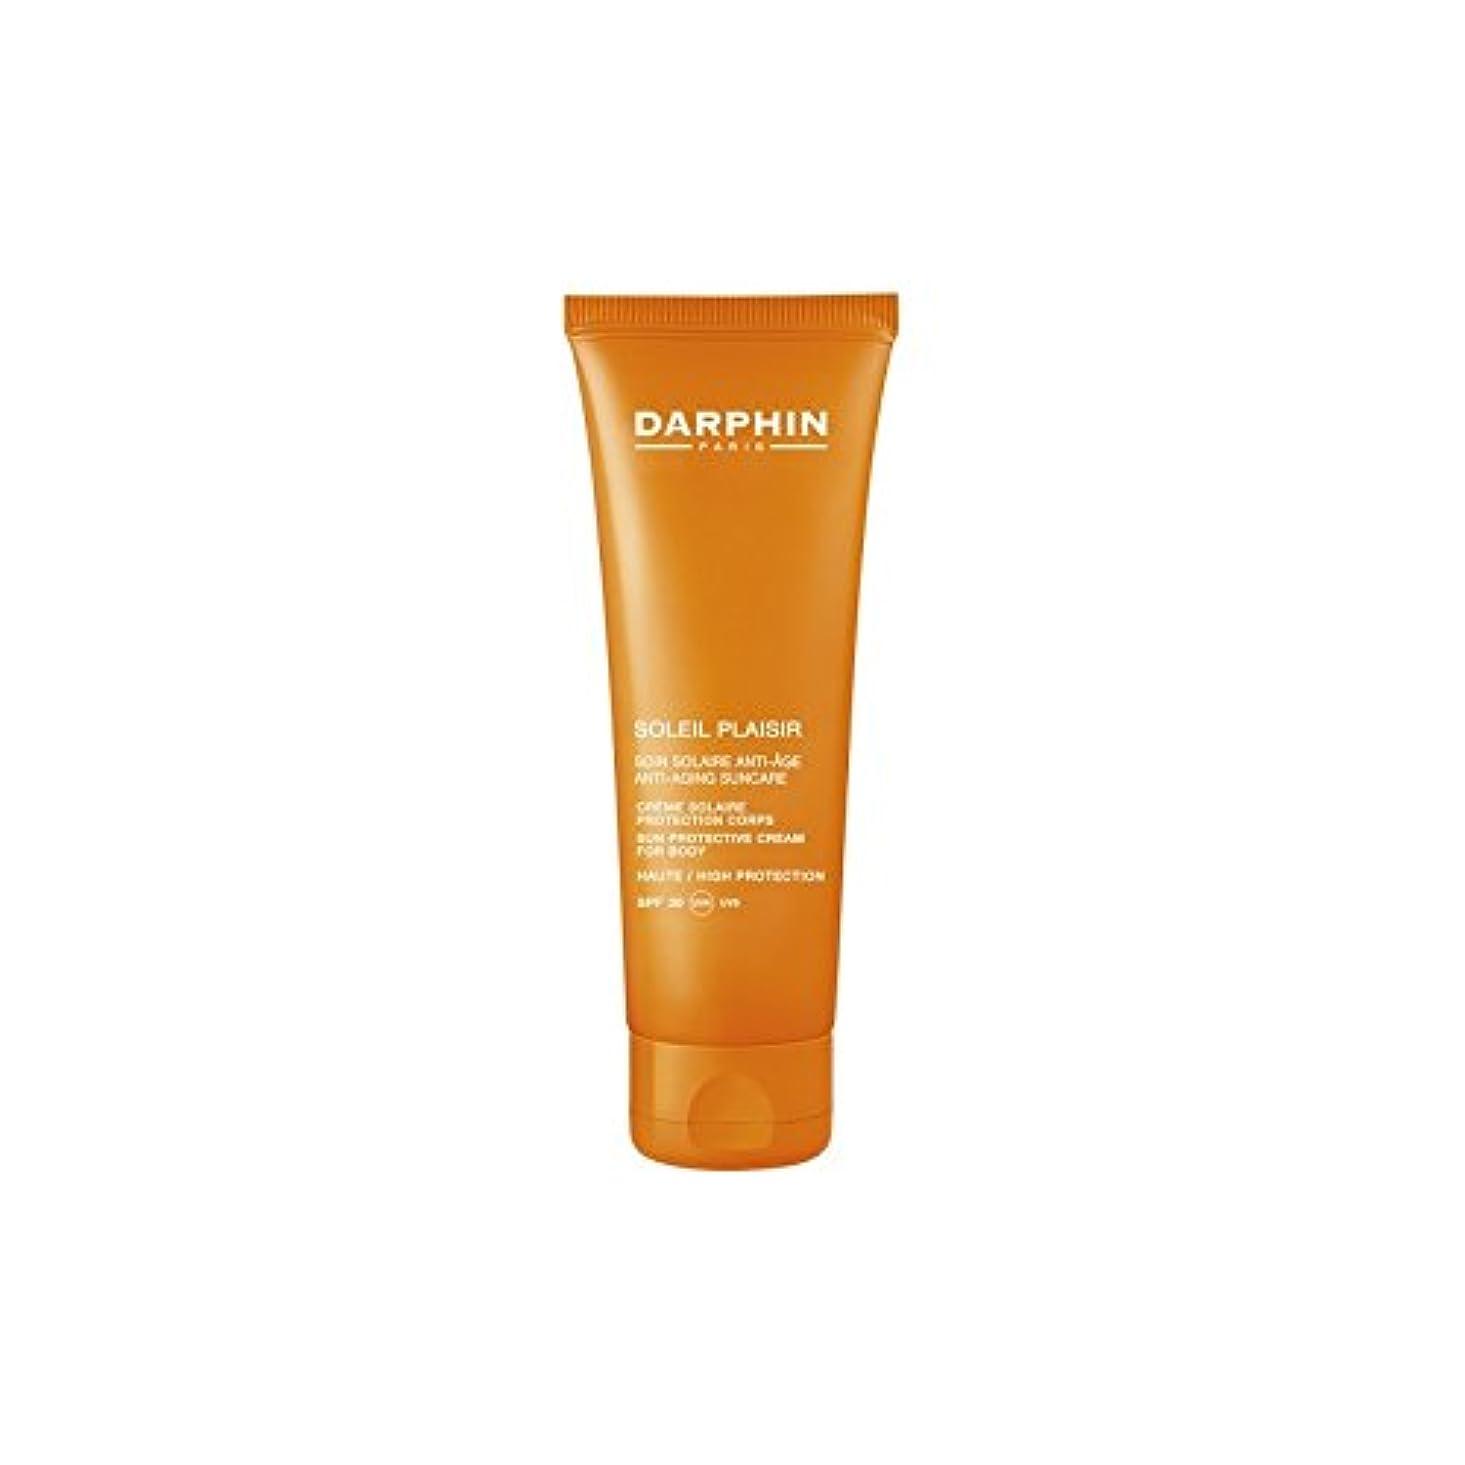 ダルファンソレイユプレジールボディクリーム x4 - Darphin Soleil Plaisir Body Cream (Pack of 4) [並行輸入品]